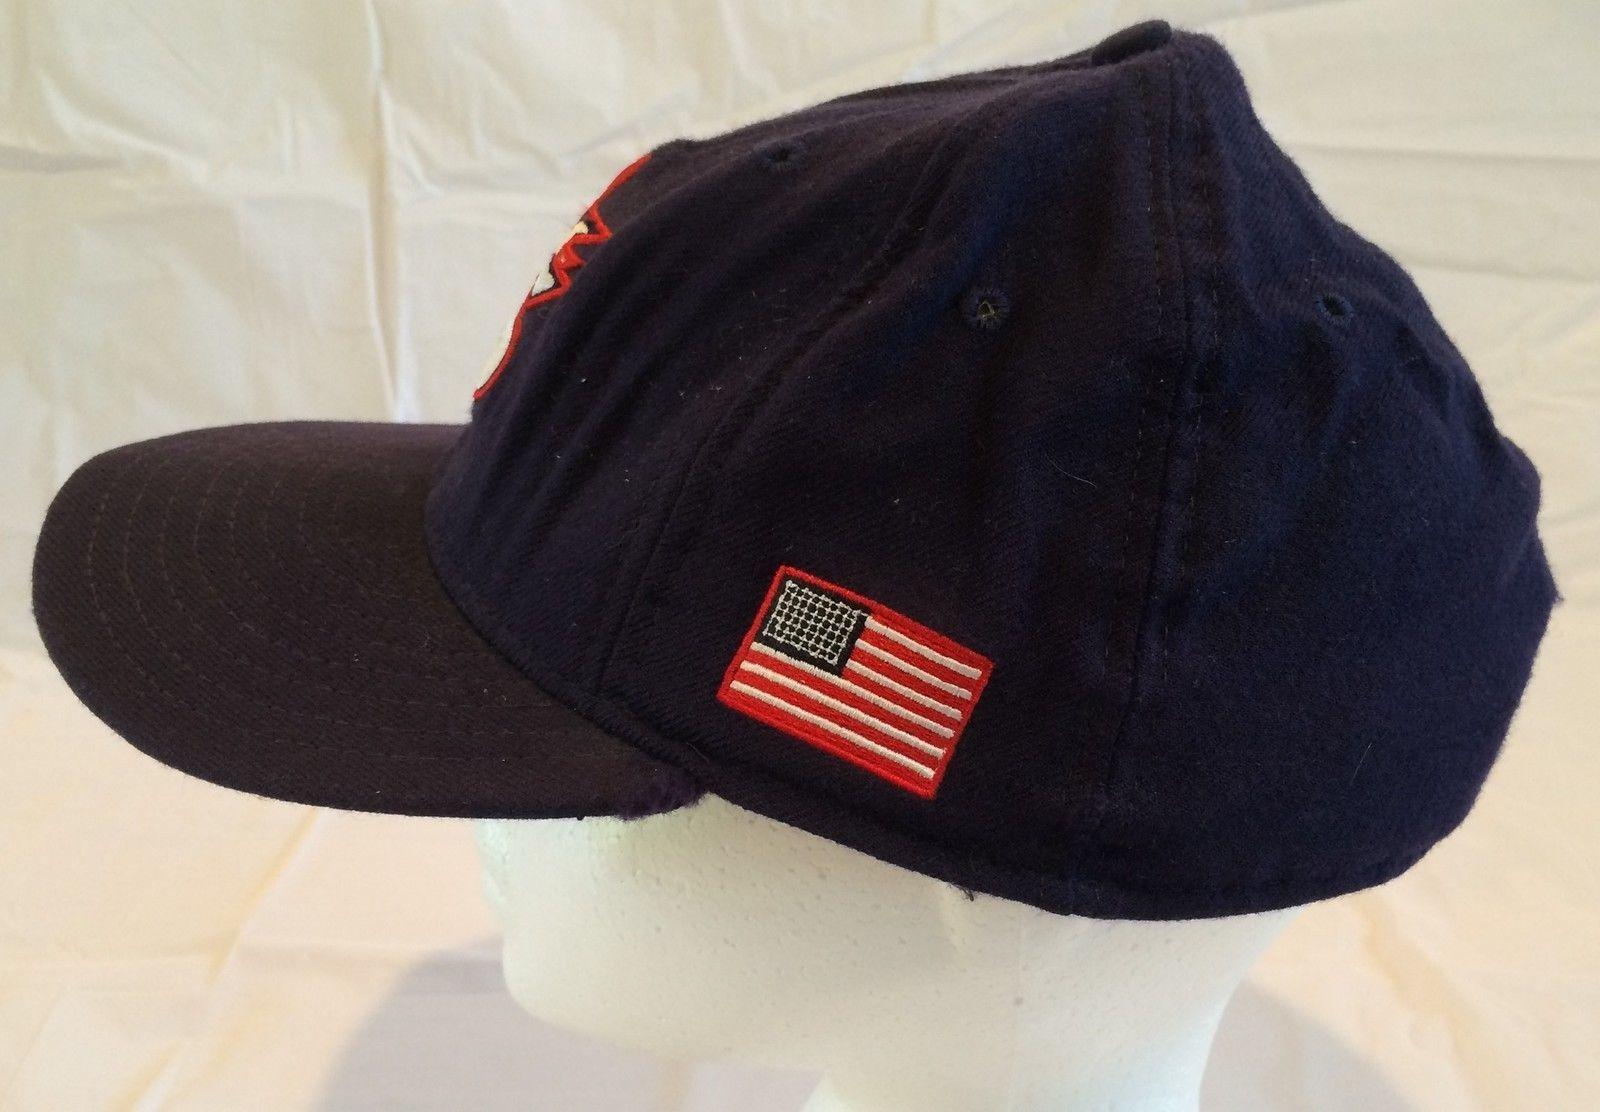 New Era 5950 Navy Blue United States US World Baseball Hat Size 7 7/8 (17-1)